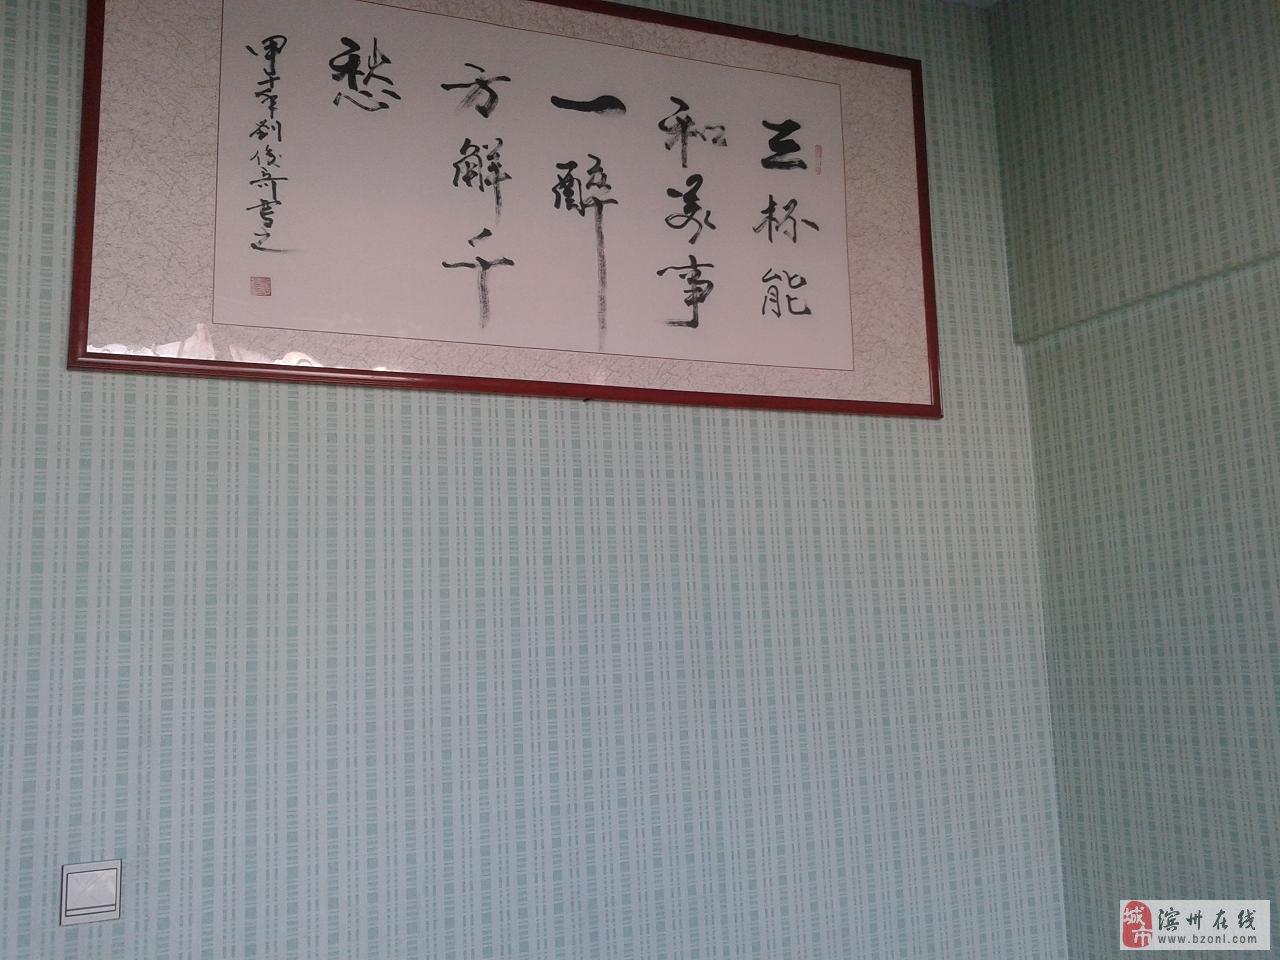 玻纤壁布采用天然石英材料精制而成,天然的石英材料造就了玻纤壁布环保,健康,超级抗裂的品质,功能特点: 1、绝对环保 2、耐擦洗3、可消毒 4、不发霉 5、防开裂虫蛀 6、防火性强 7、应用广泛 玻璃纤维壁布,墙纸,油漆等墙面装饰的对比 壁布与普通墙纸和乳胶漆的性能比较 一、原材料材质比较 壁布采用100%天然石英制成,被世界卫生组织誉为绝对卫生安全的材料,普通的墙纸就是纸基、布基、PVC塑料:而乳胶漆是采用环保丙烯酸乳液制作的。 二、使用年限 壁布可以使用寿命可达10年以上,普通的墙纸可以使用年限4年,